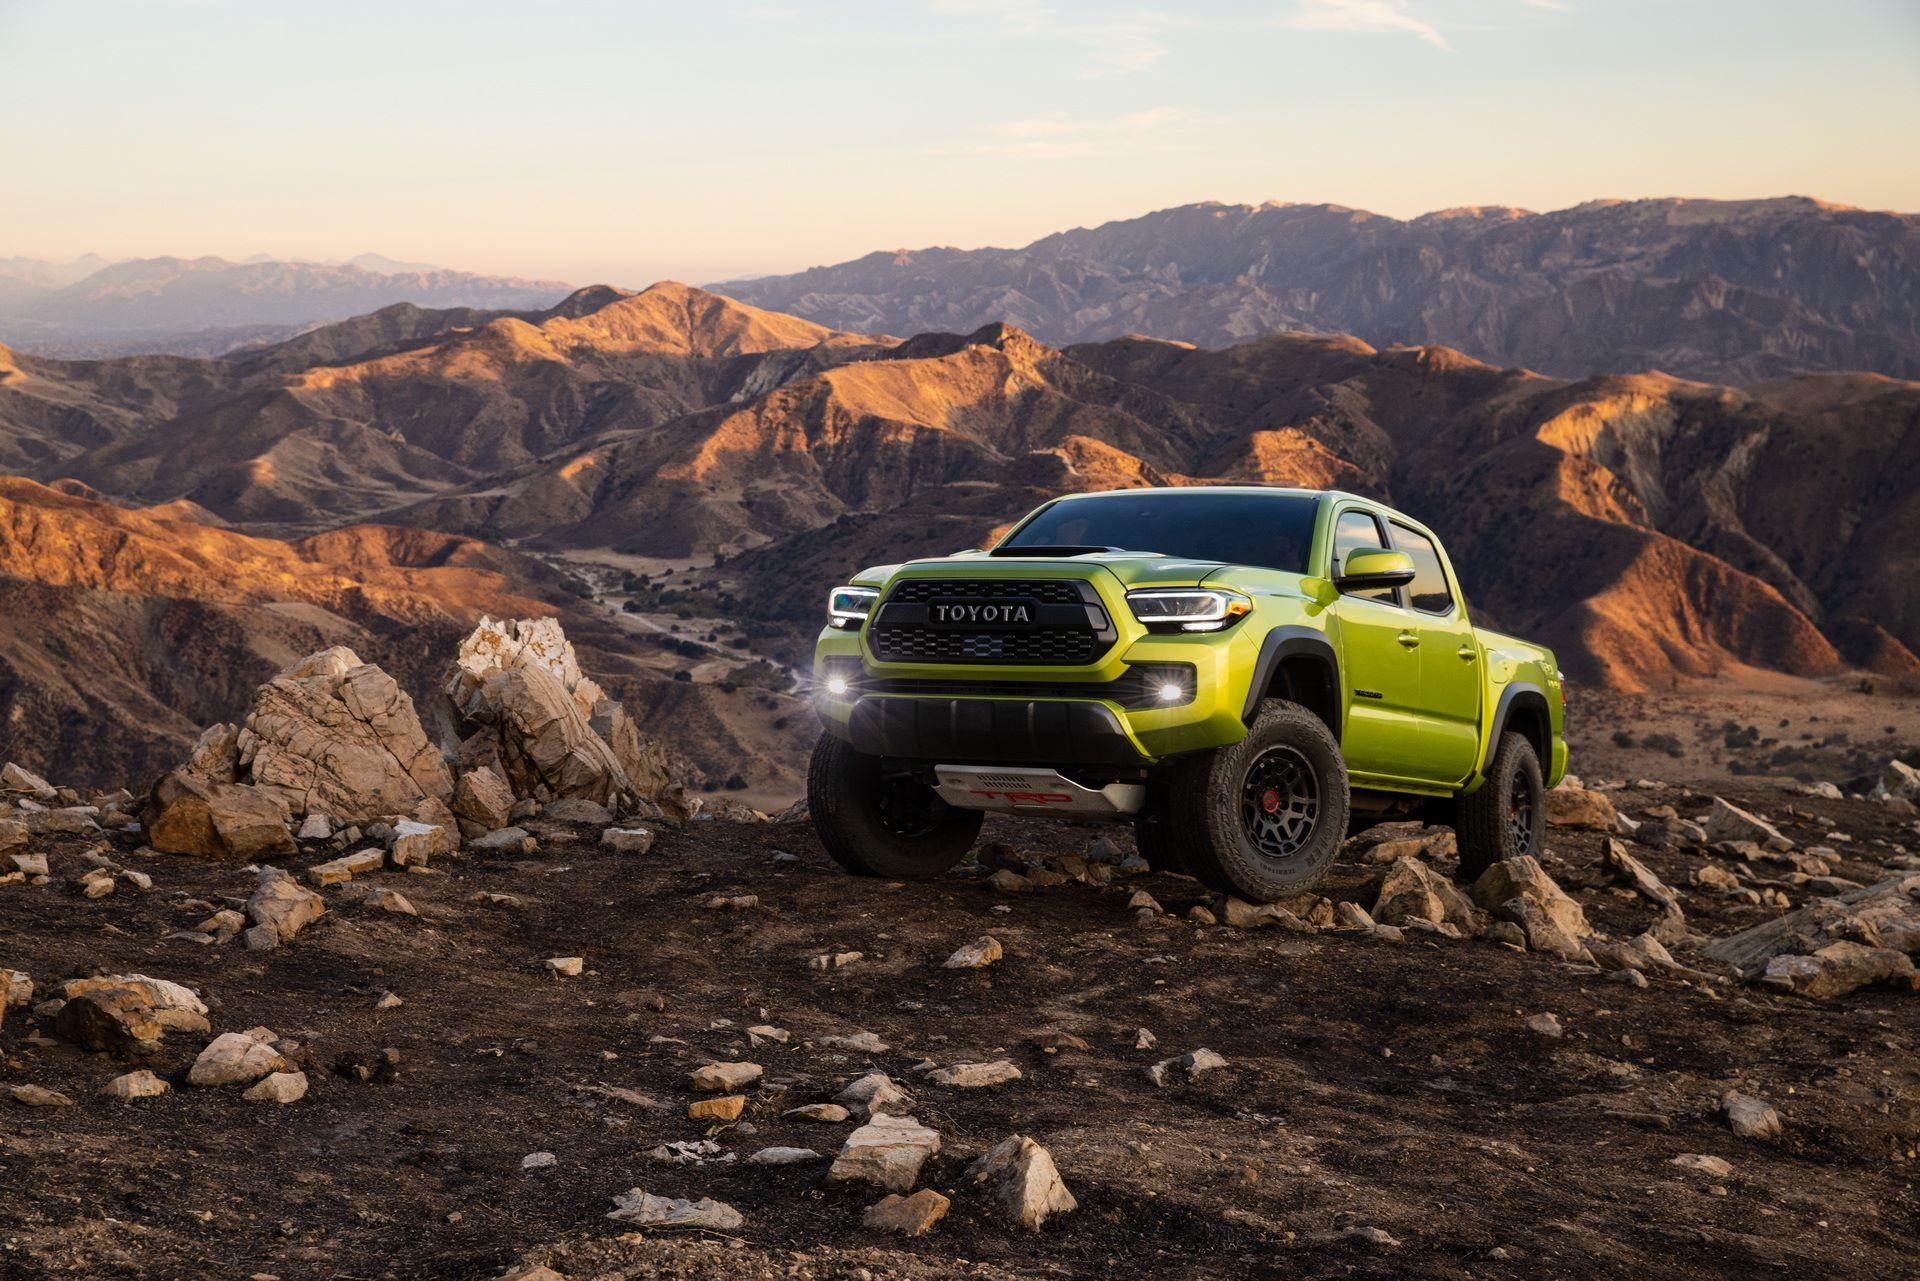 Toyota-Tacoma-TRD-Pro-and-Tacoma-Trail-Edition-13